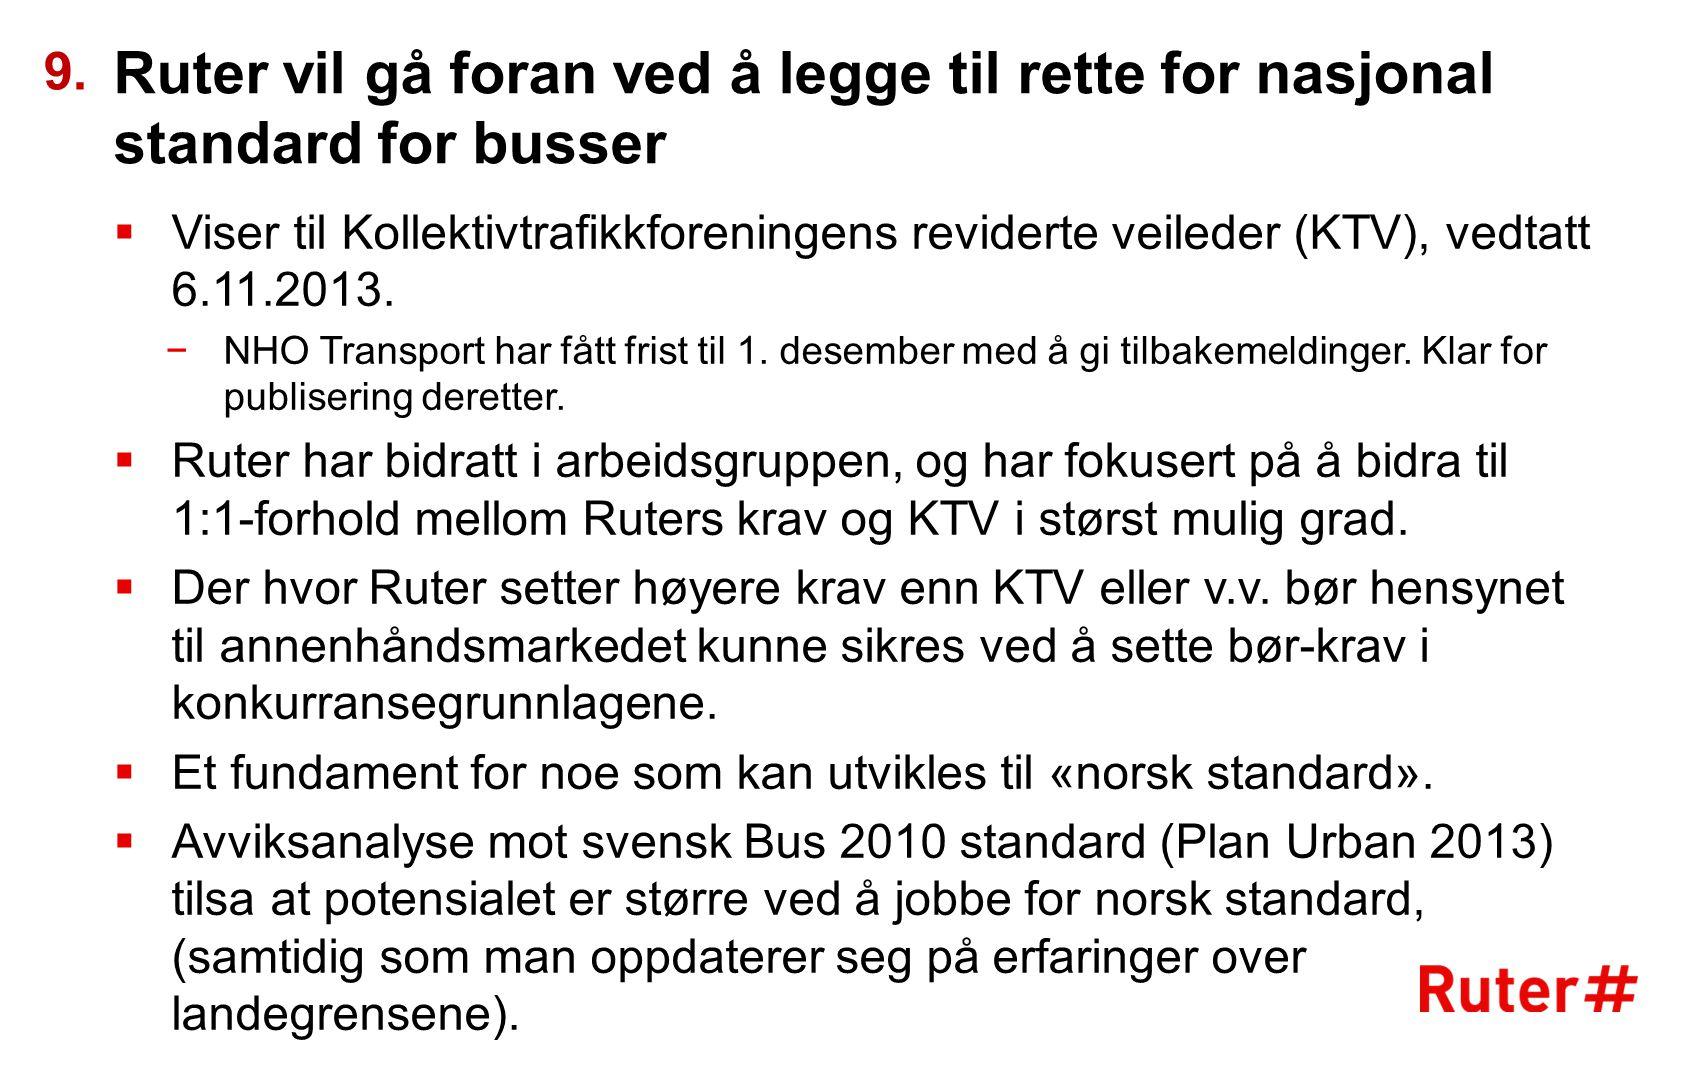 Ruter vil gå foran ved å legge til rette for nasjonal standard for busser  Viser til Kollektivtrafikkforeningens reviderte veileder (KTV), vedtatt 6.